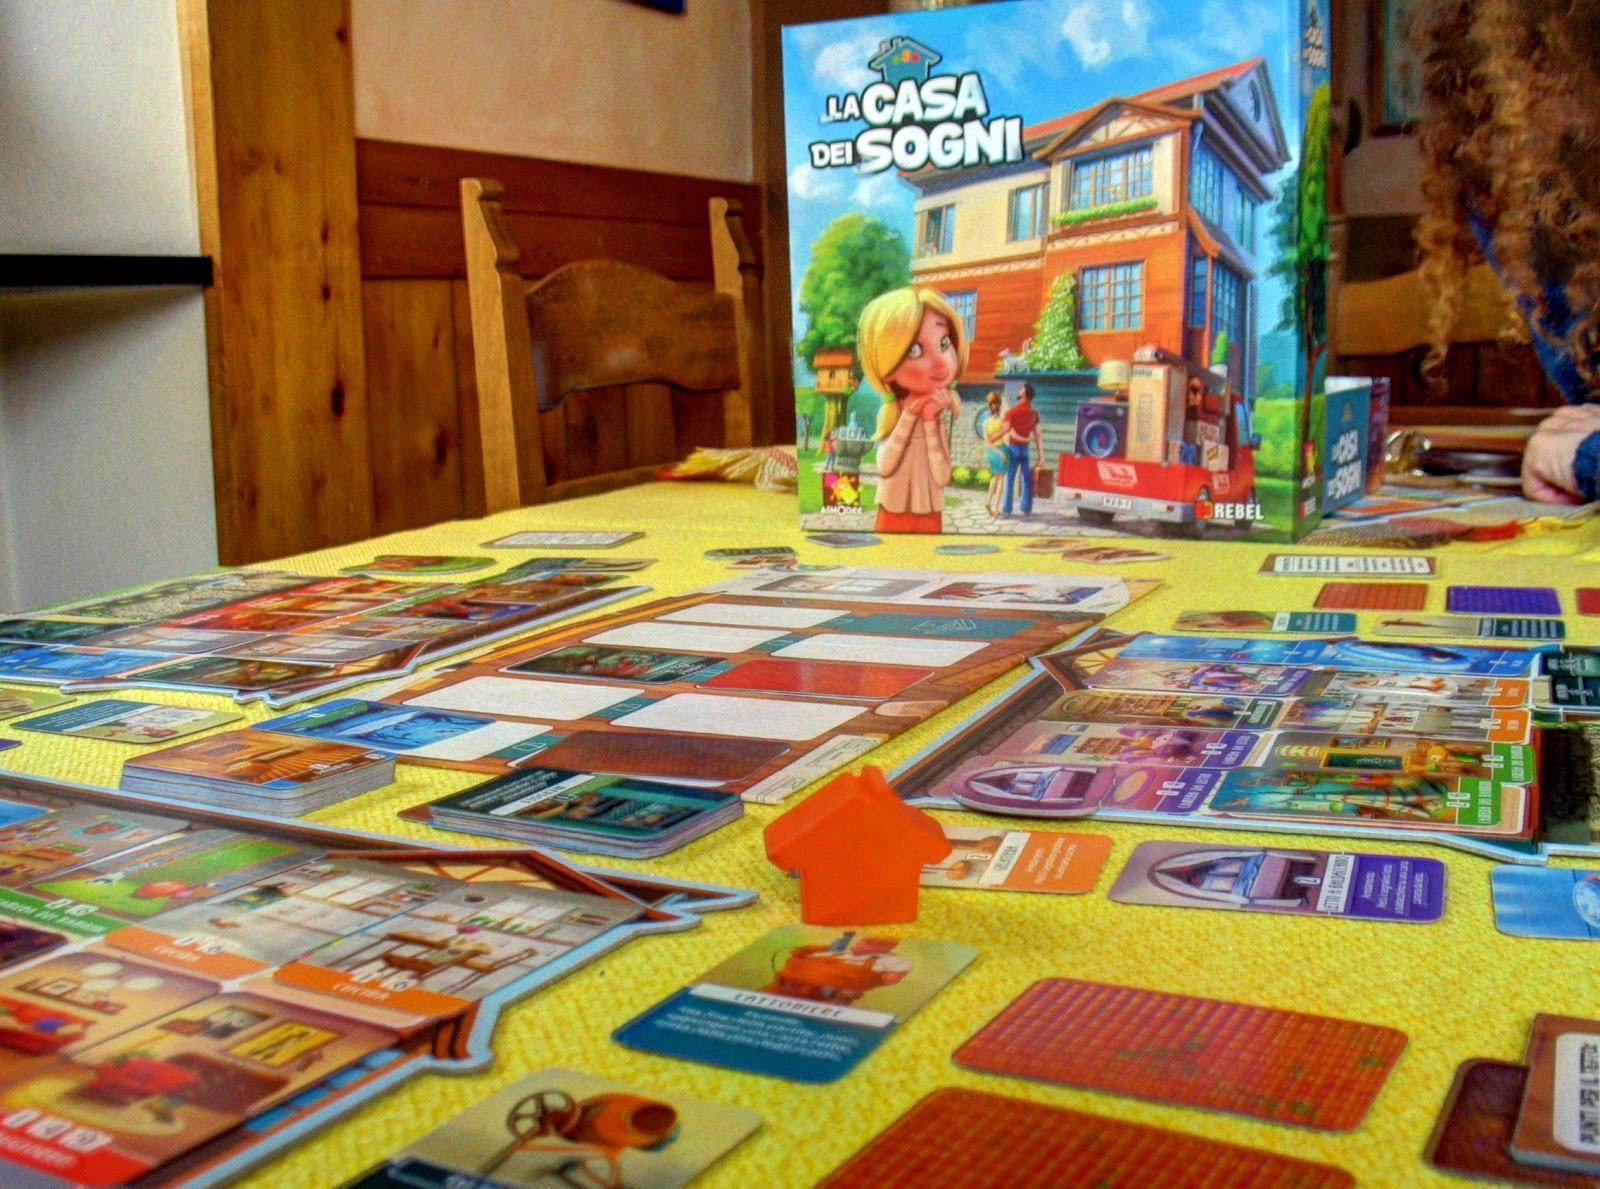 Educereludendo la casa dei sogni quando ristrutturare for Casa dei sogni